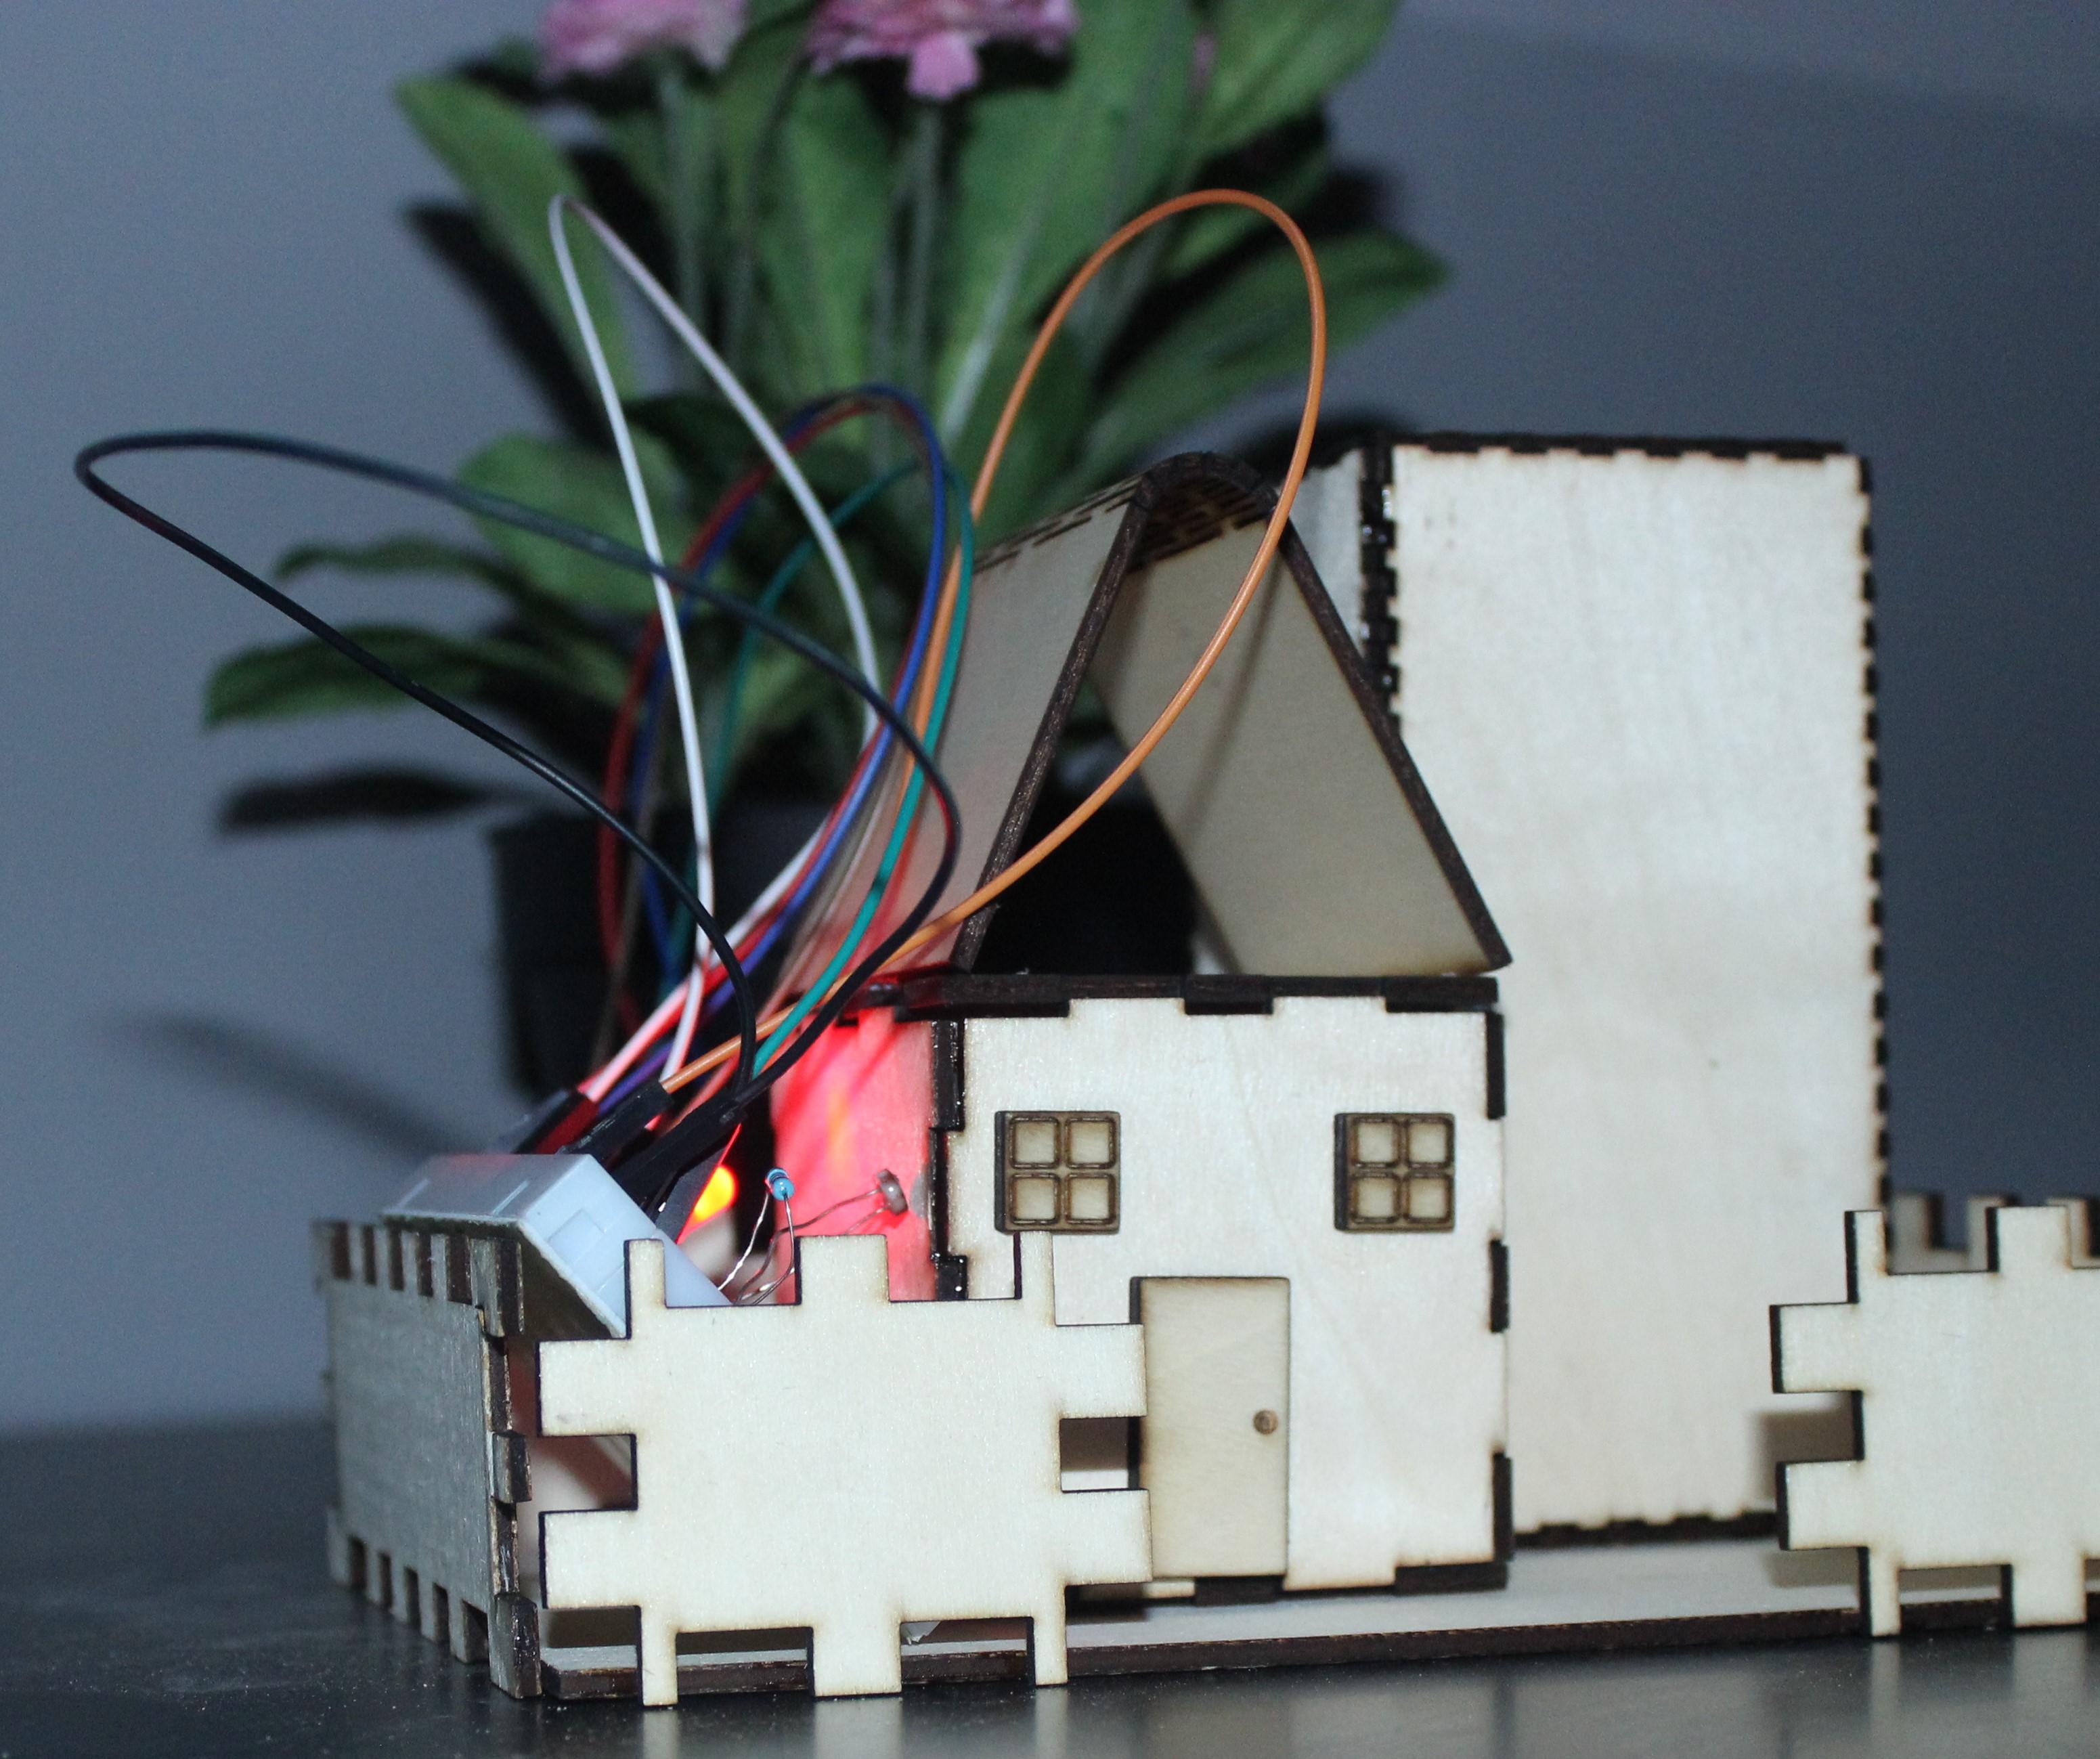 التحكم بالضوء باستخدام حساس الضوء – LED Controlled via LDR Using Arduino